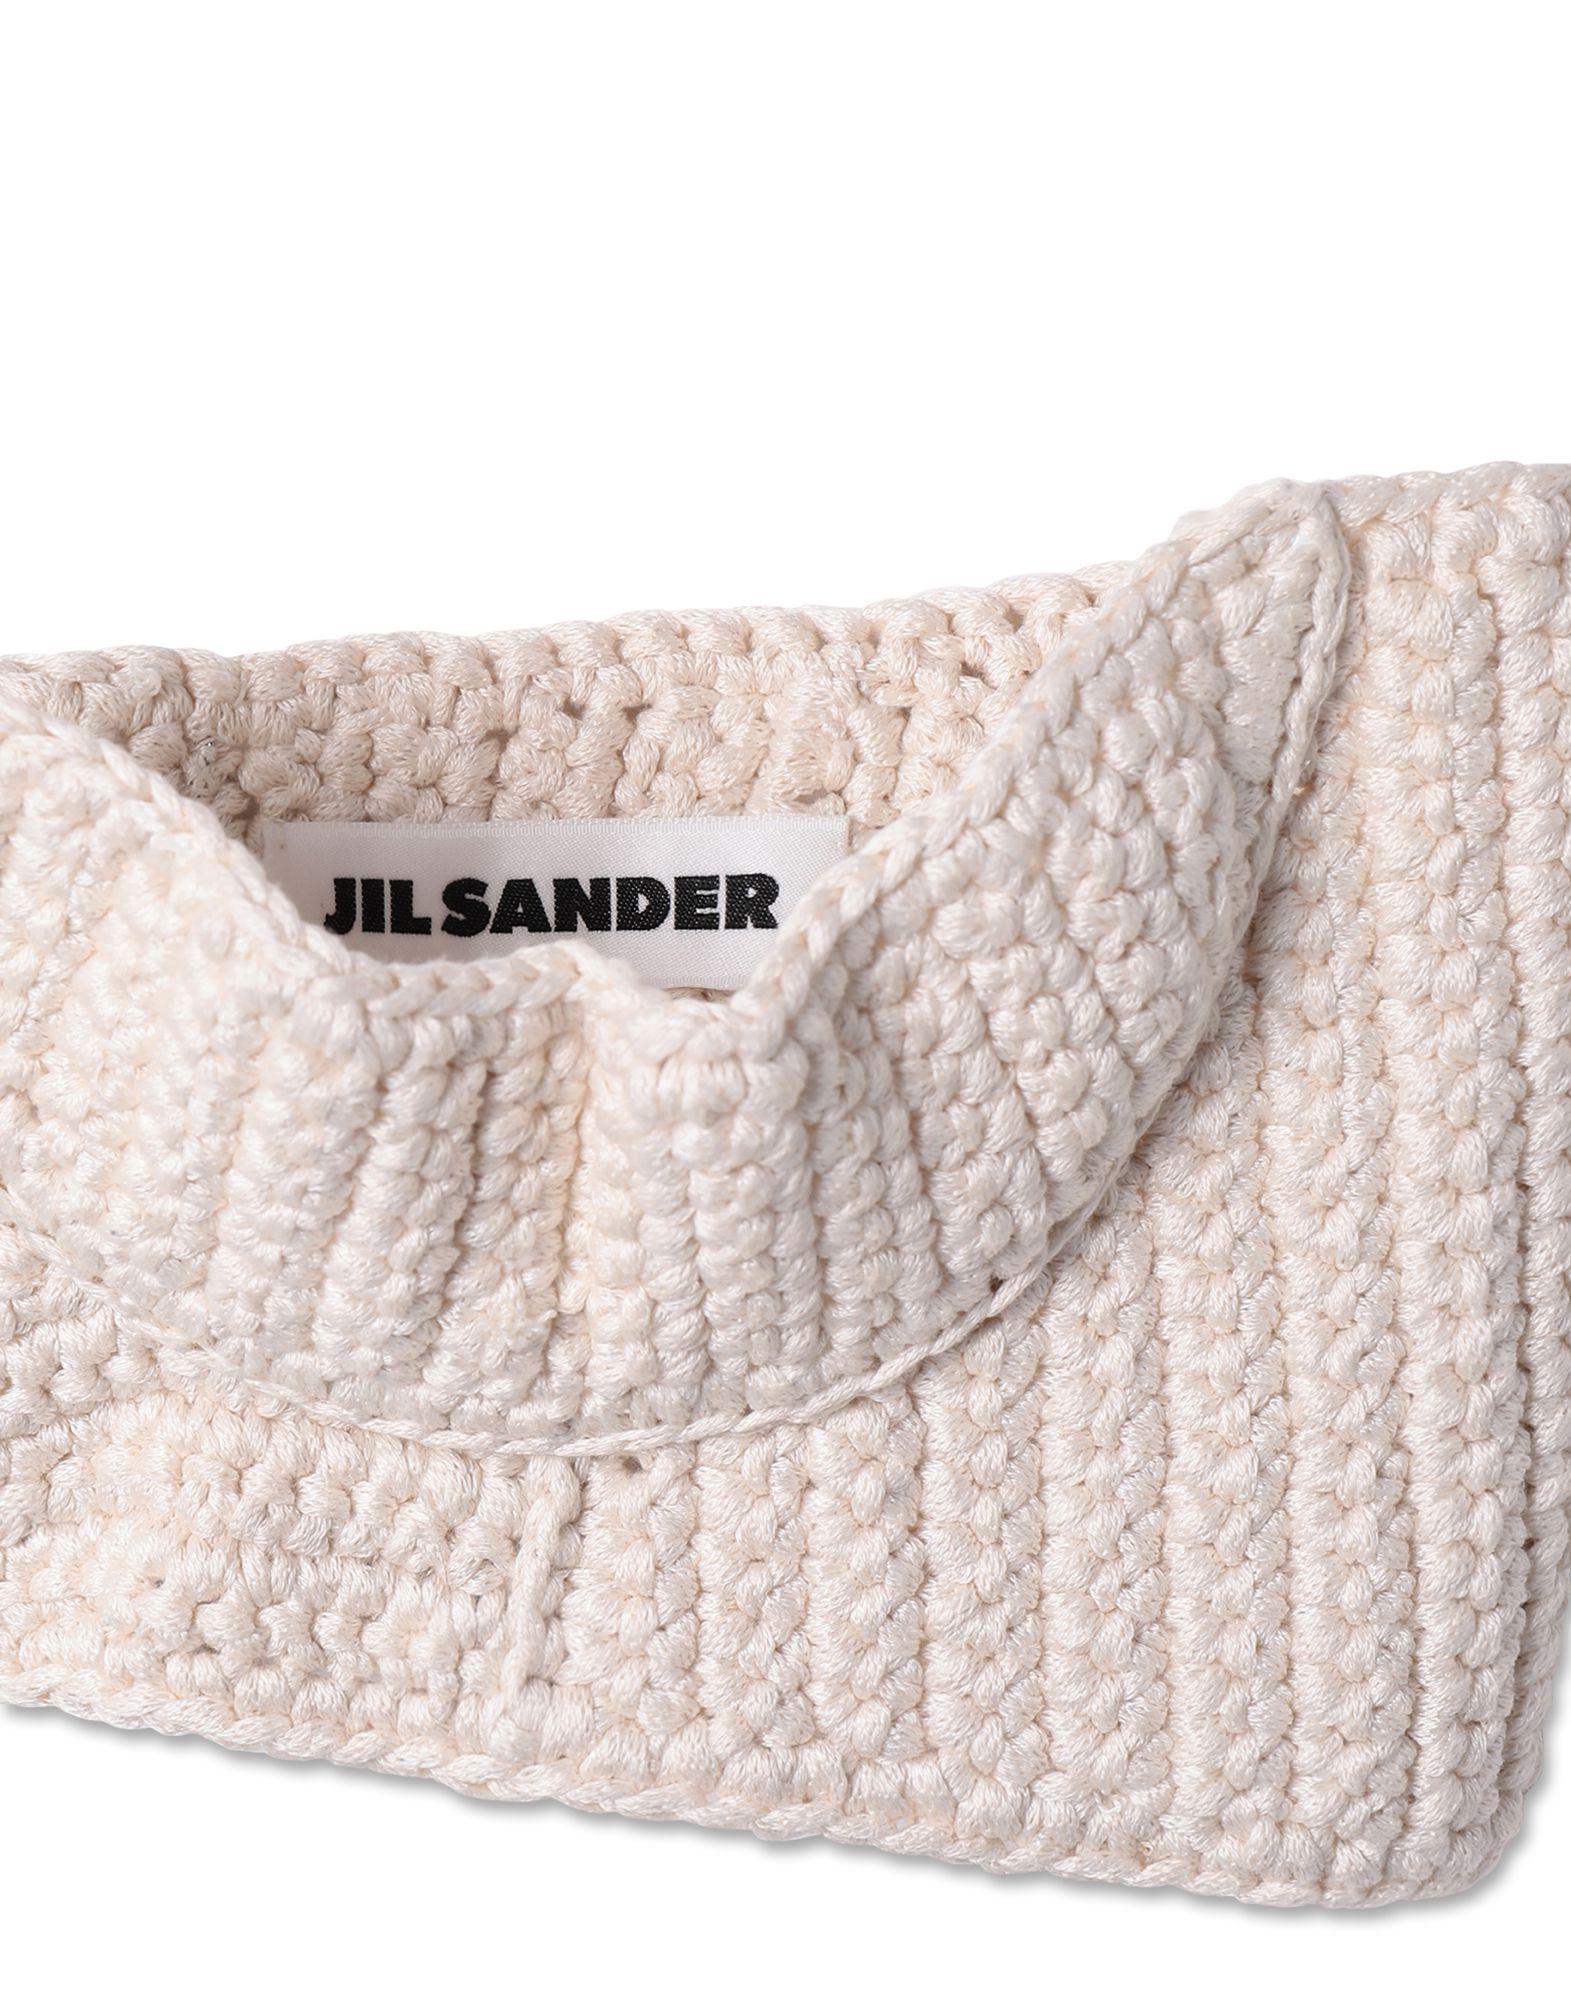 Top - JIL SANDER Online Store